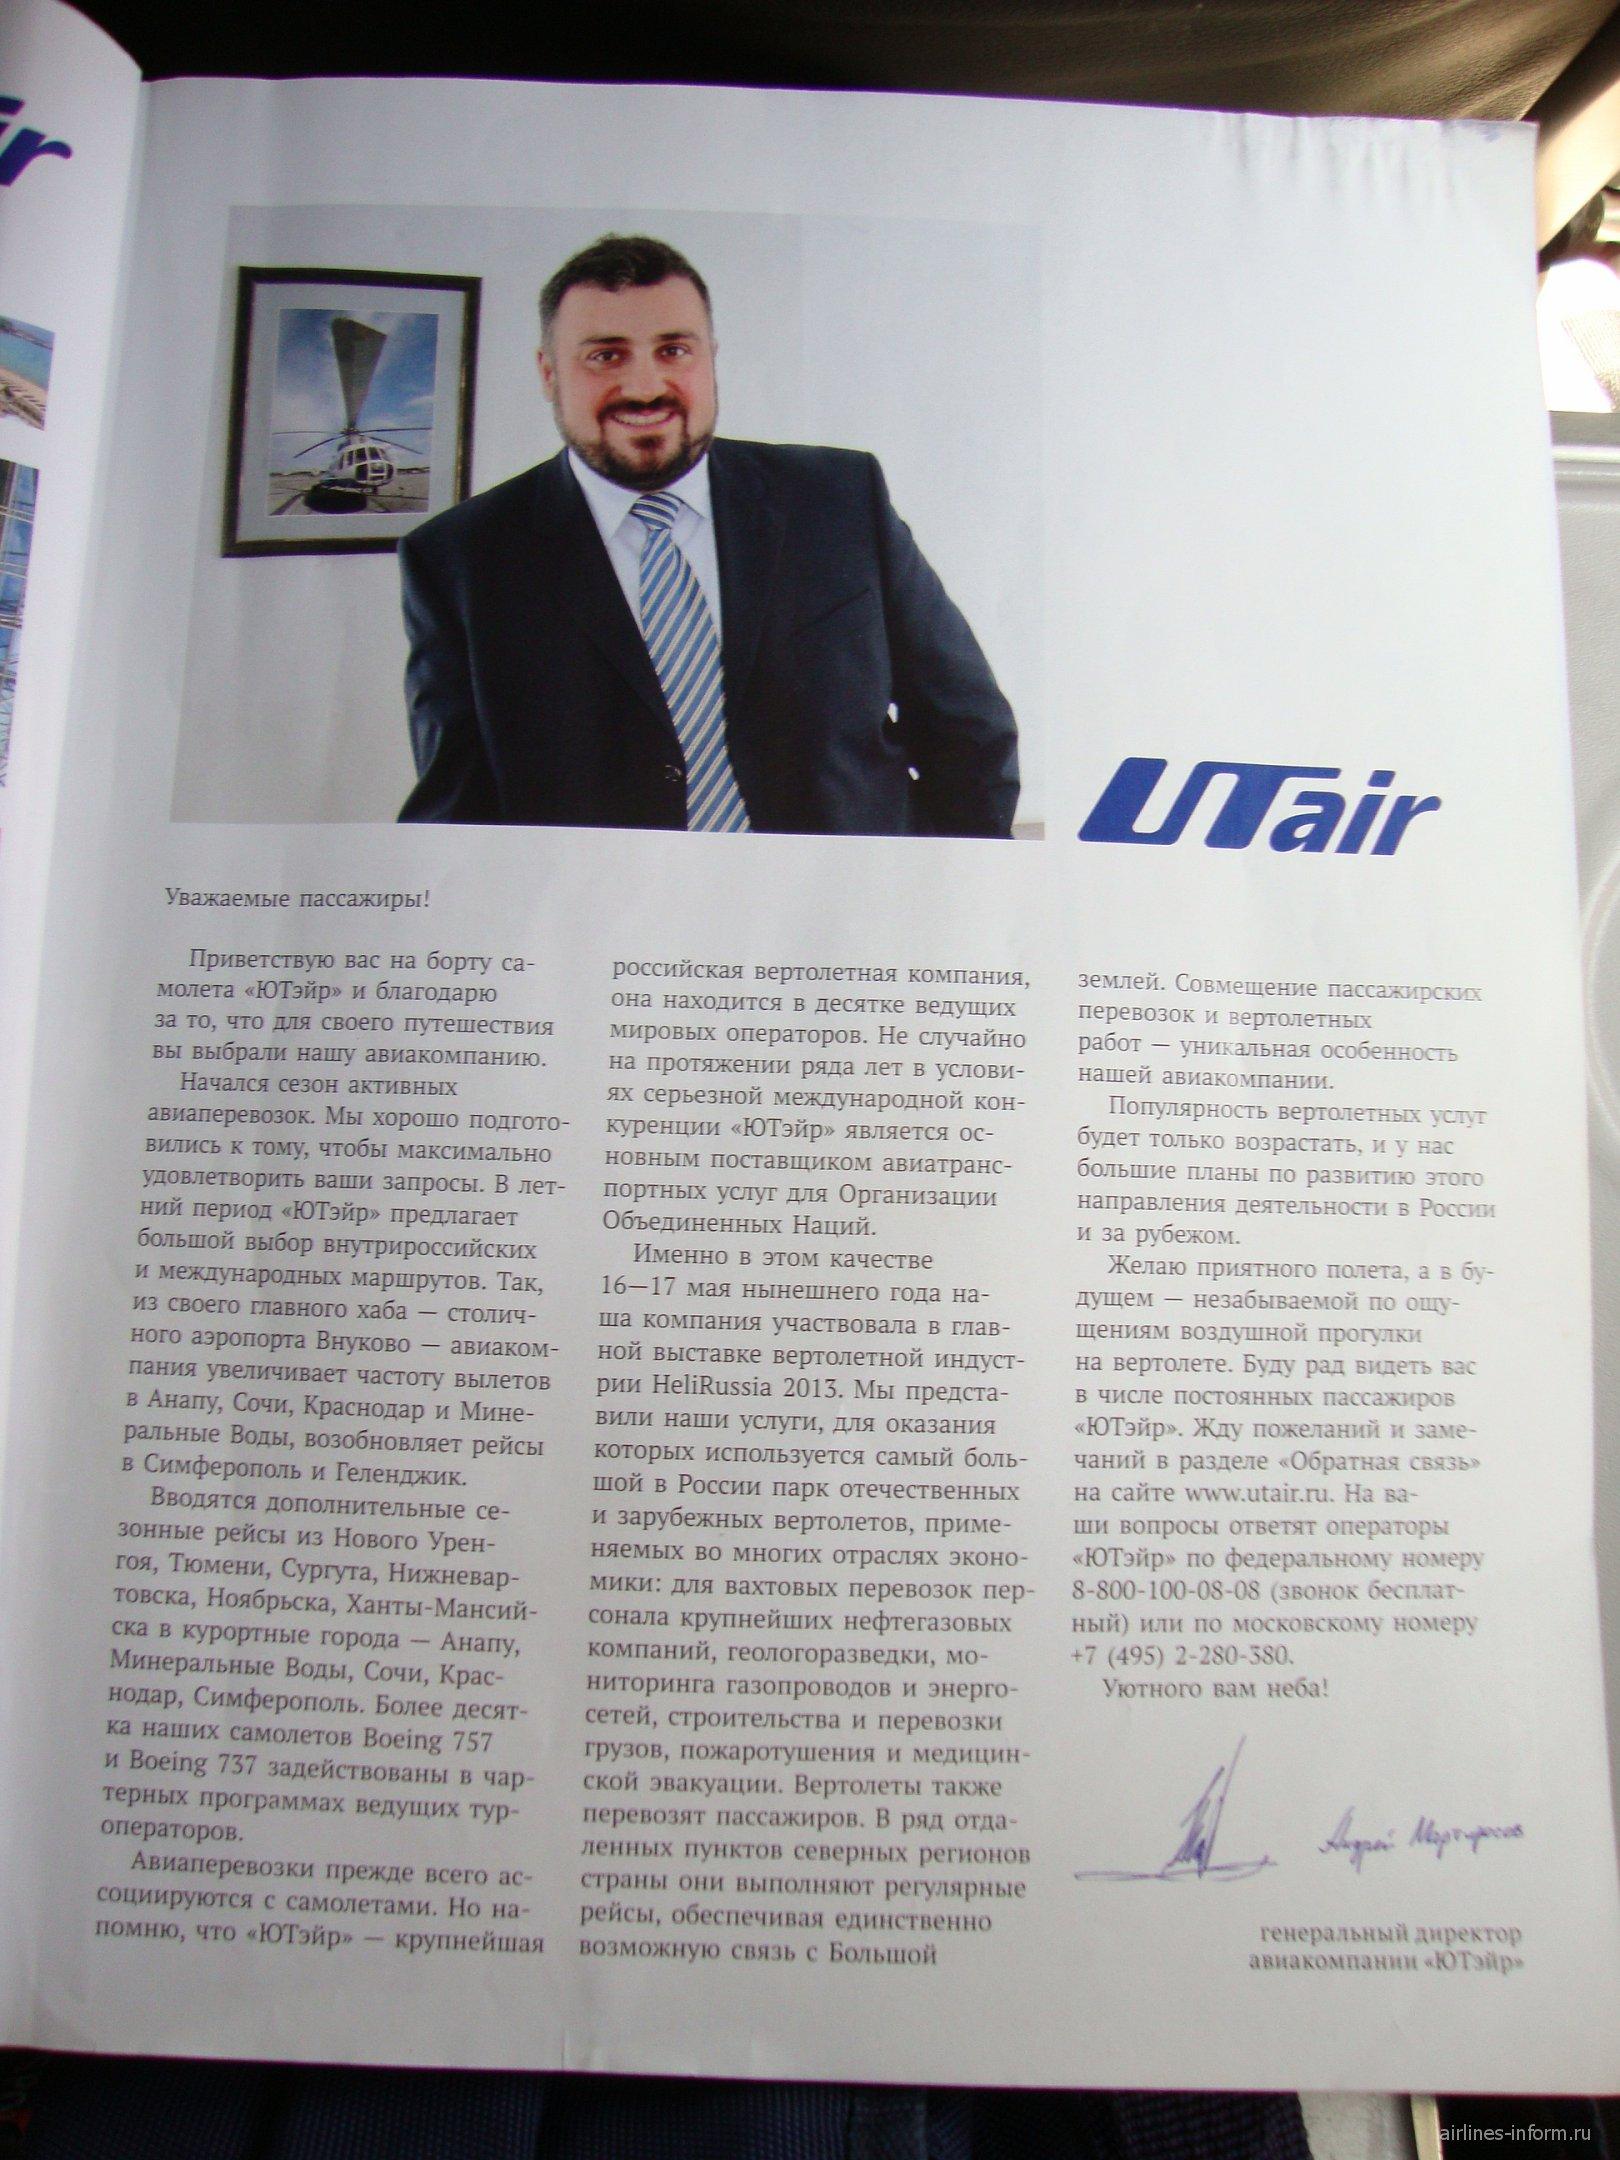 Генеральный директор ЮТэйр Мартиросов